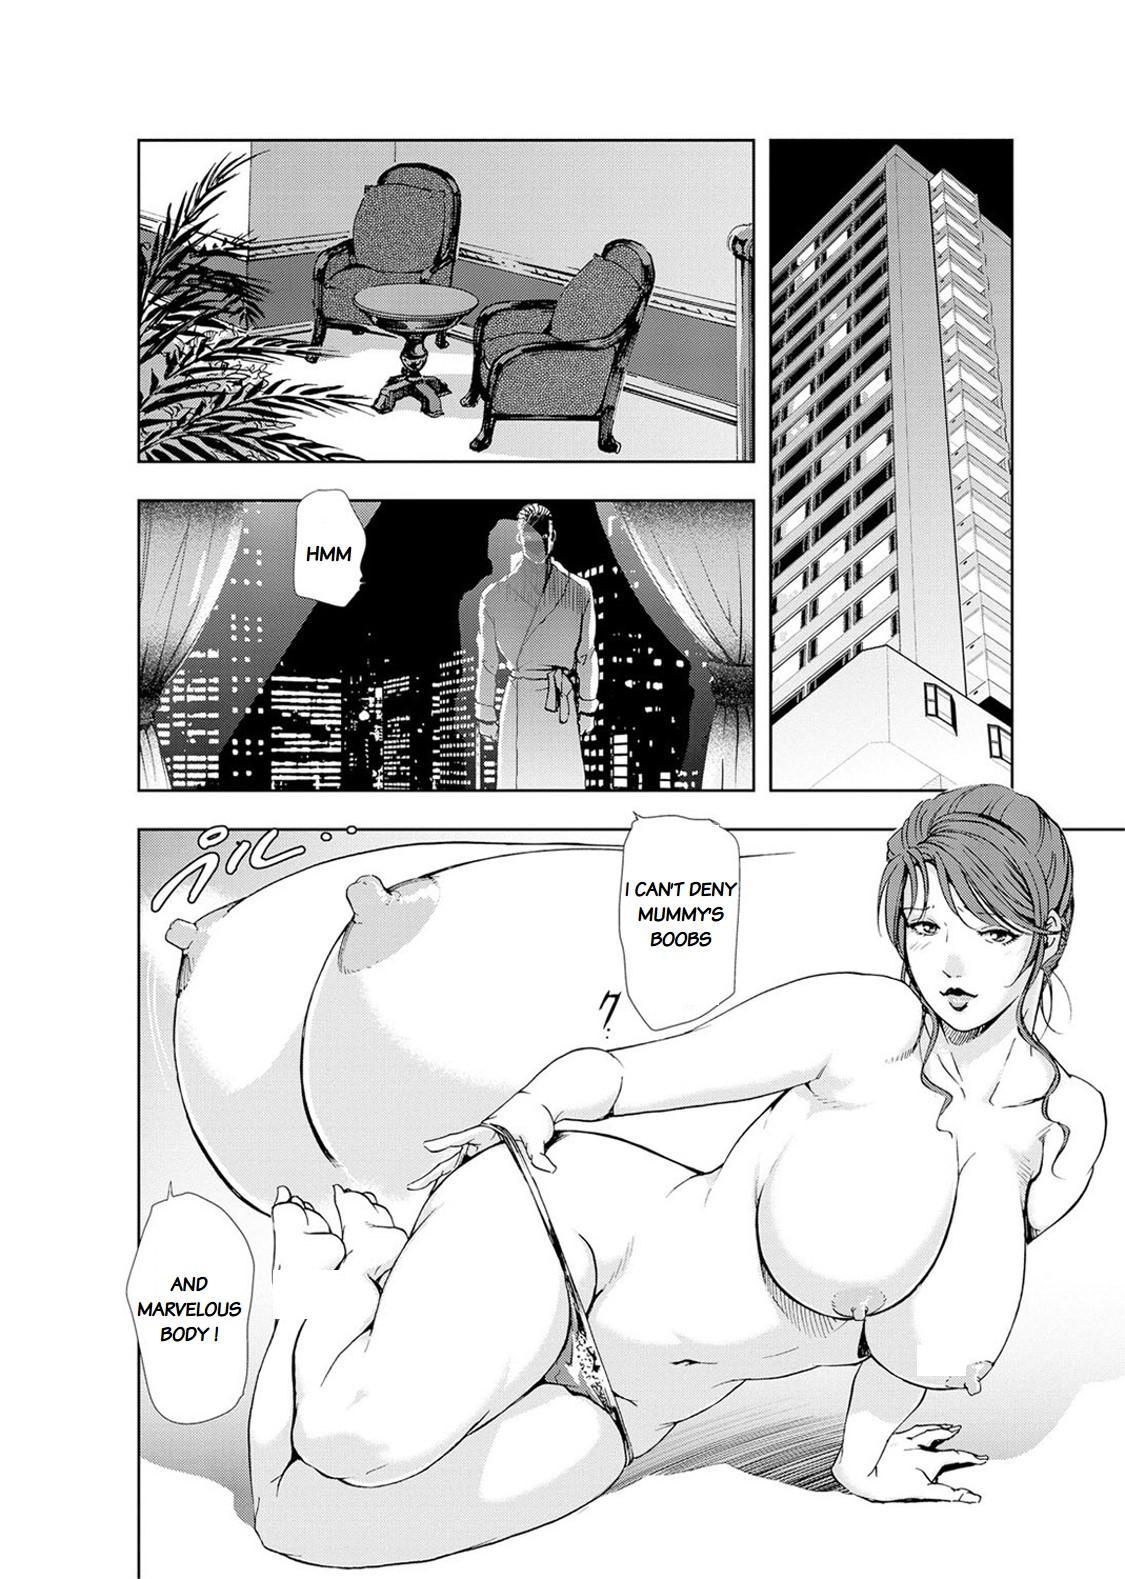 Nikuhisyo Yukiko chapter 20 1